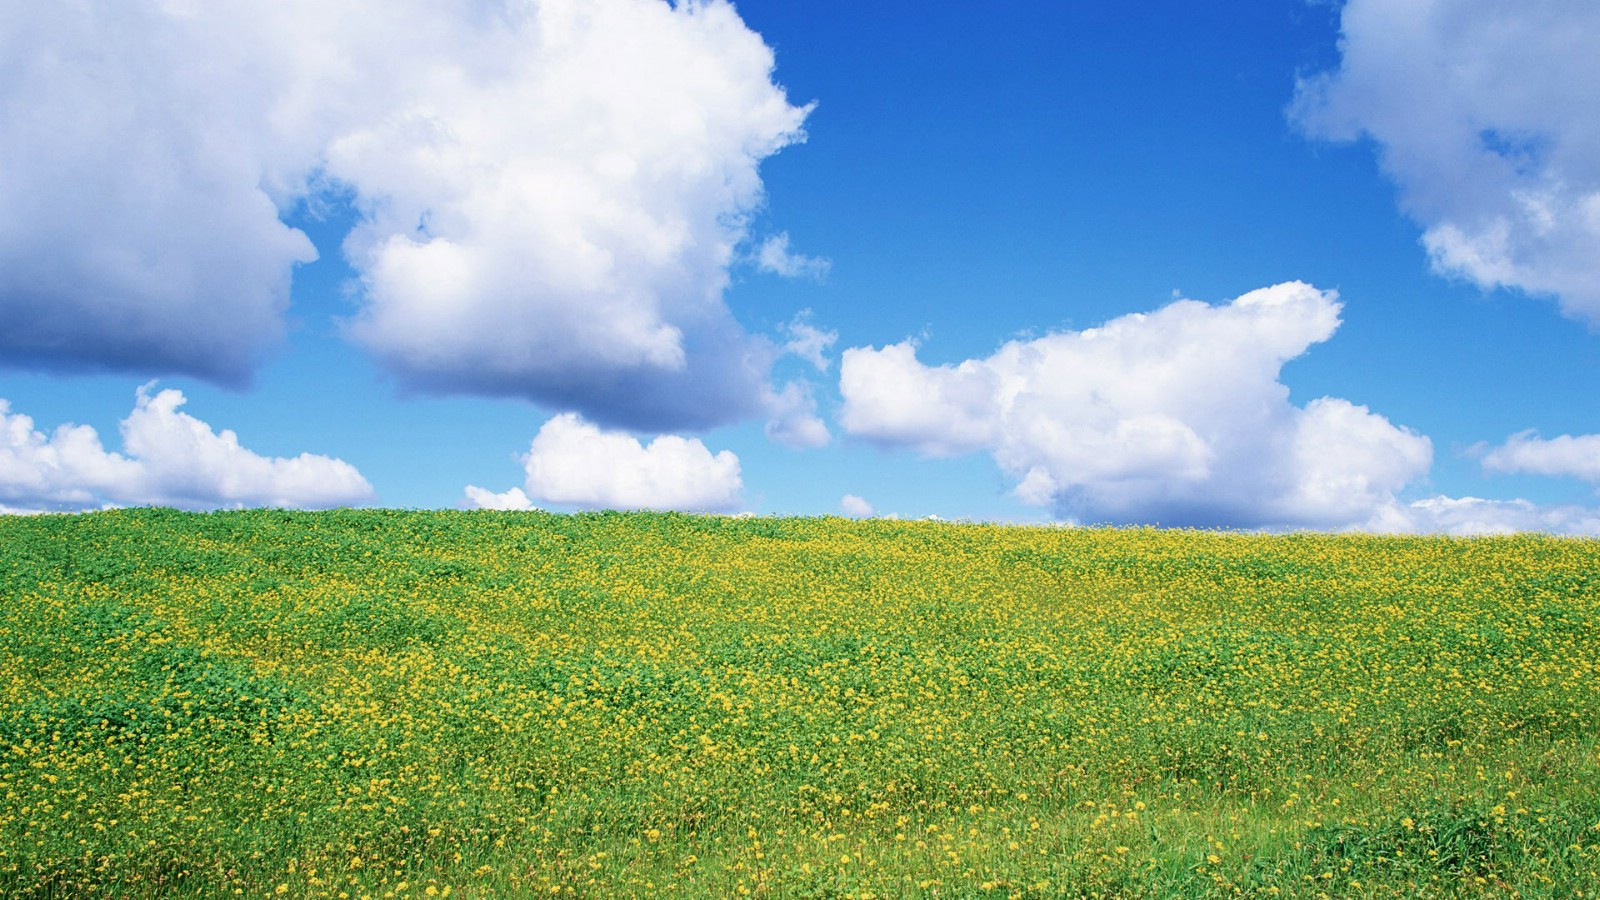 壁纸 北海道/北海道花田世界自然风光摄影